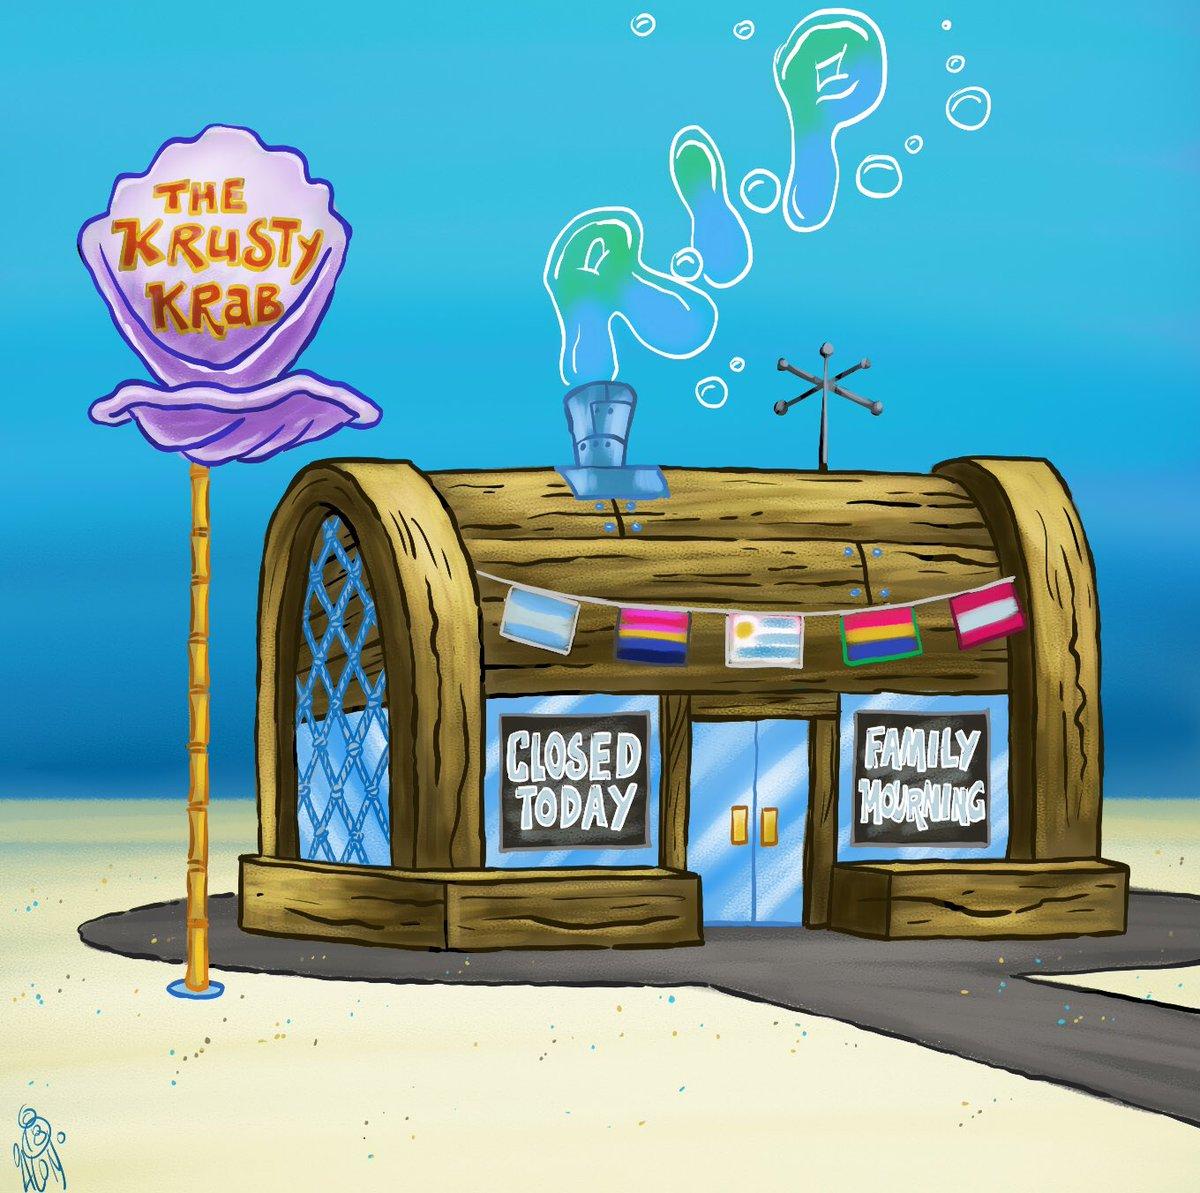 Spongebob Meme Entering Krusty Krab